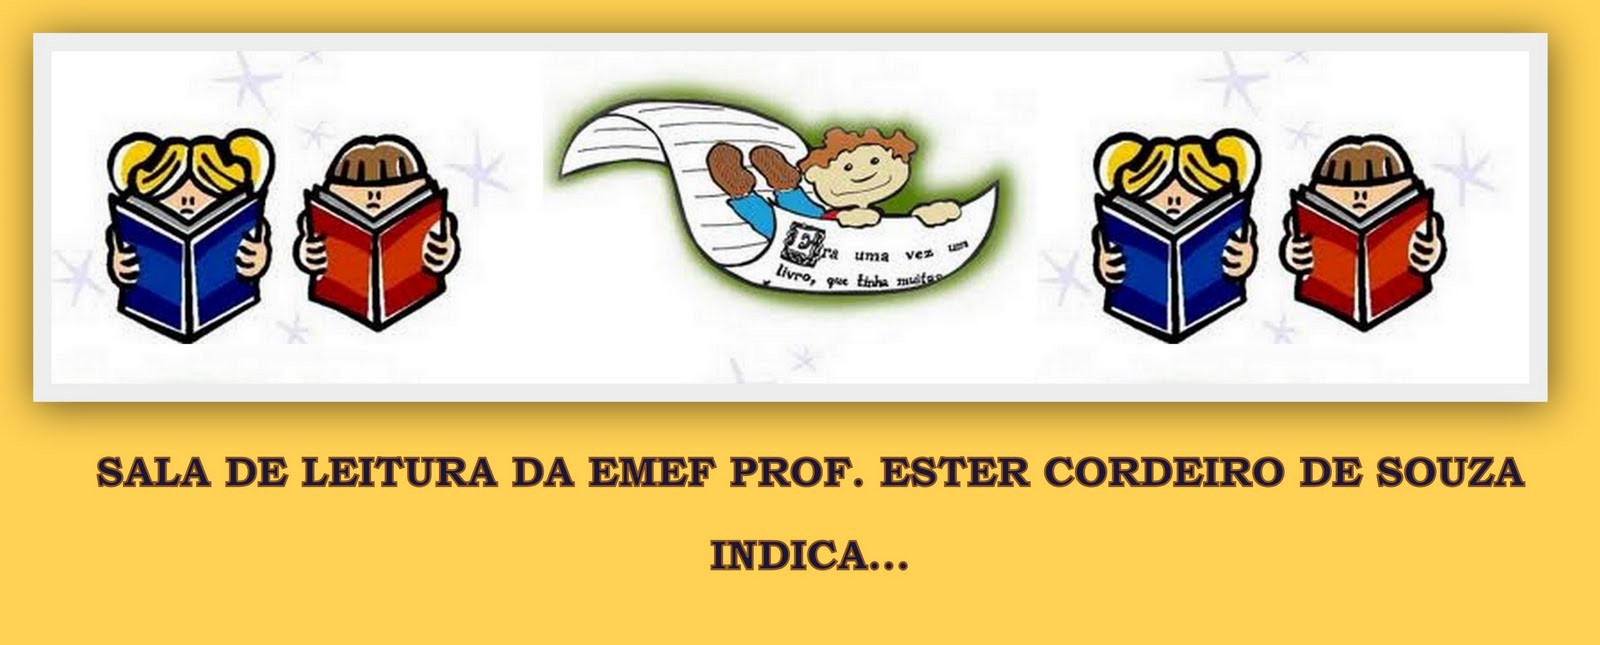 Sala de Leitura da EMEF Ester indica...